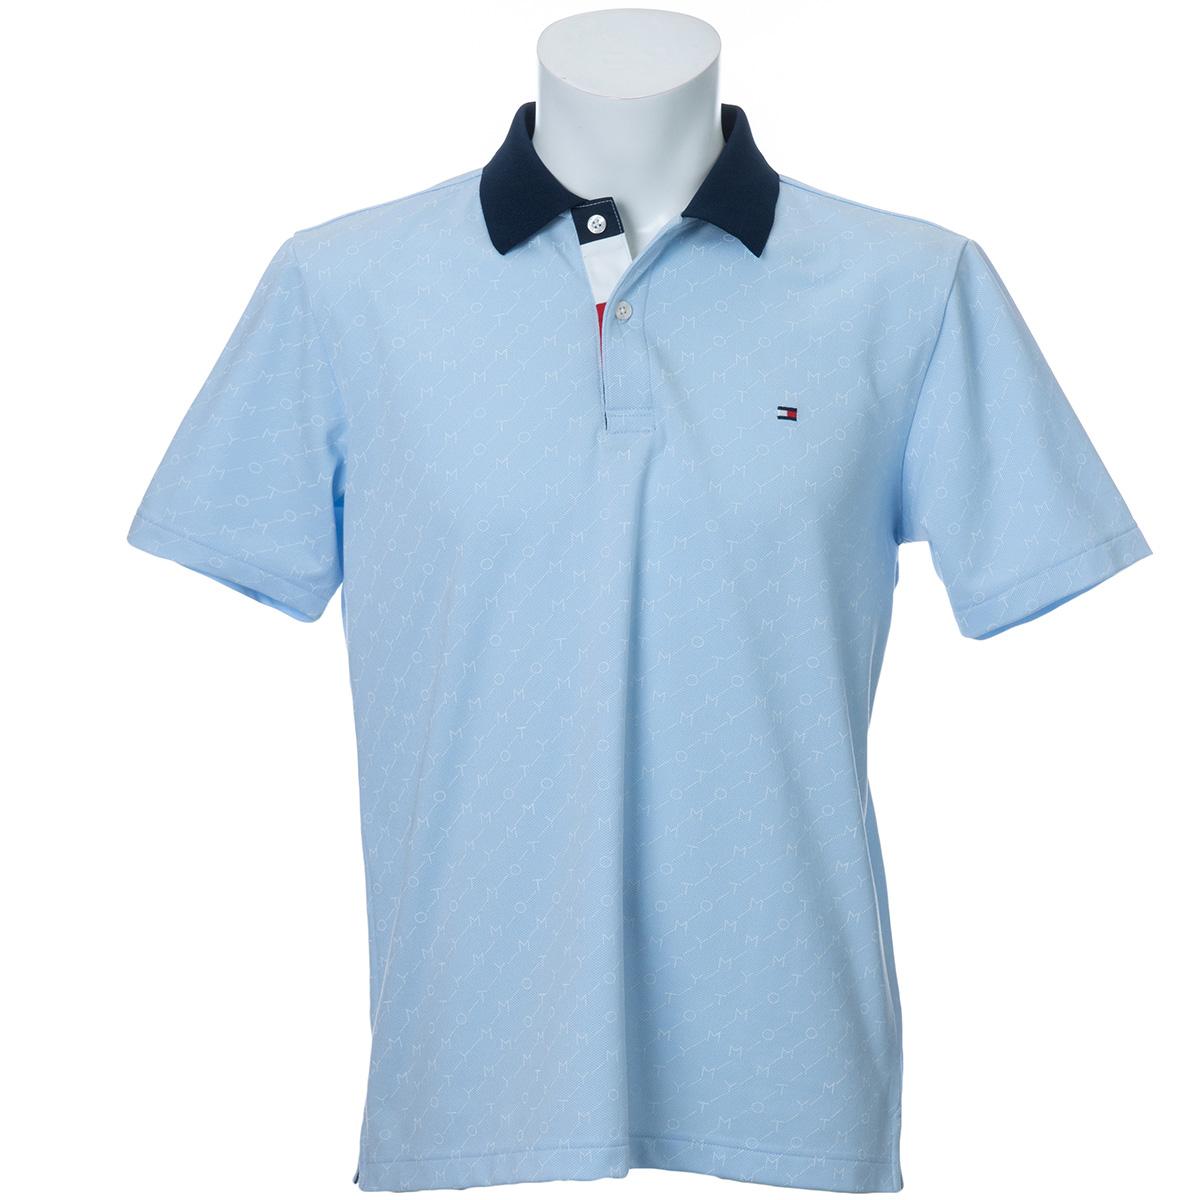 シャンブレー メッシュ 半袖ポロシャツ